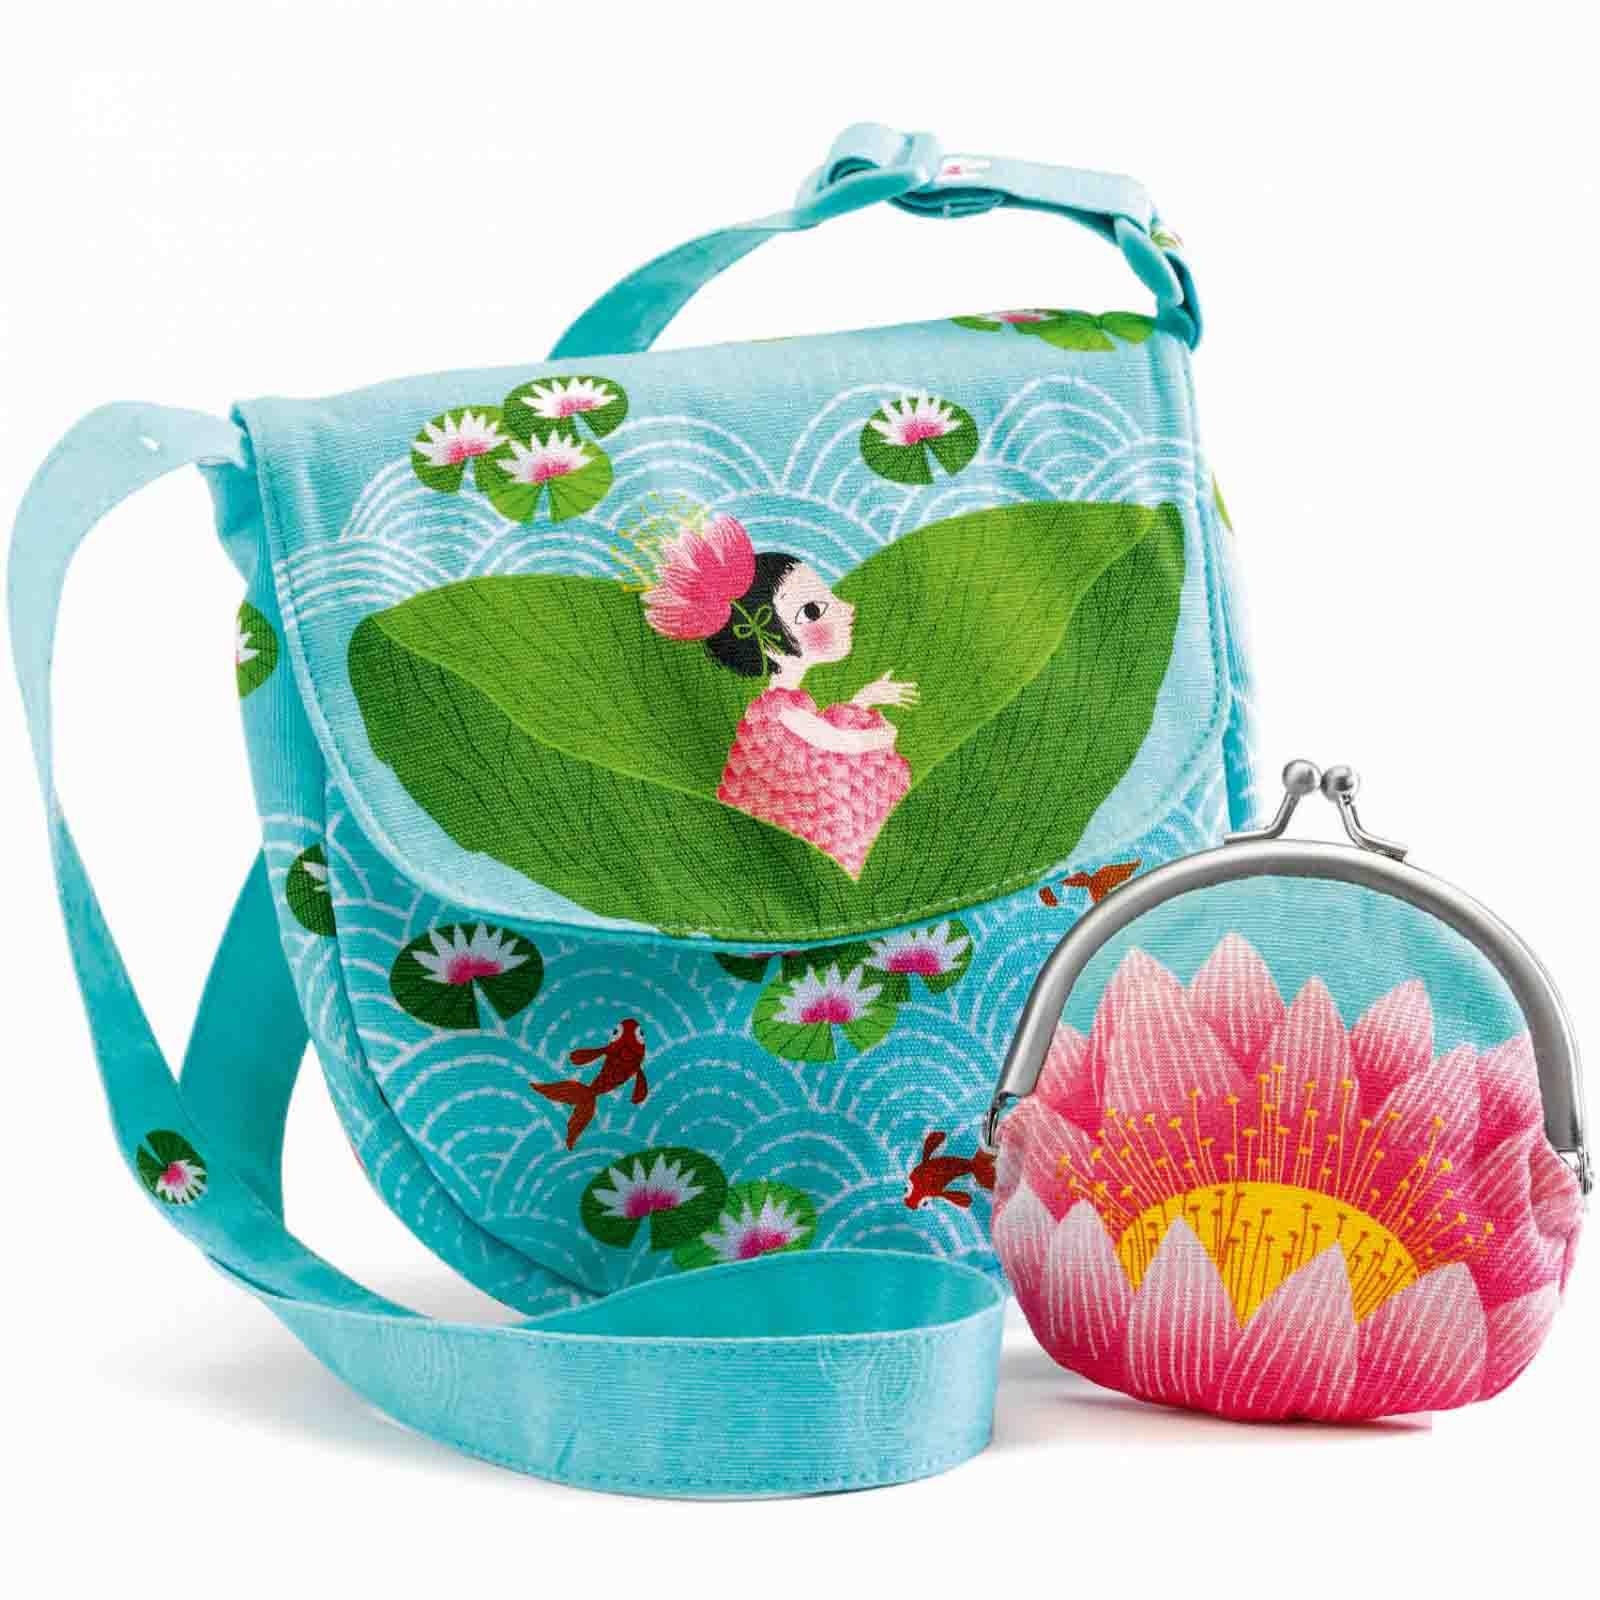 Сумка и кошелек - КувшинкаДетские сумочки<br>Сумка и кошелек - Кувшинка<br>